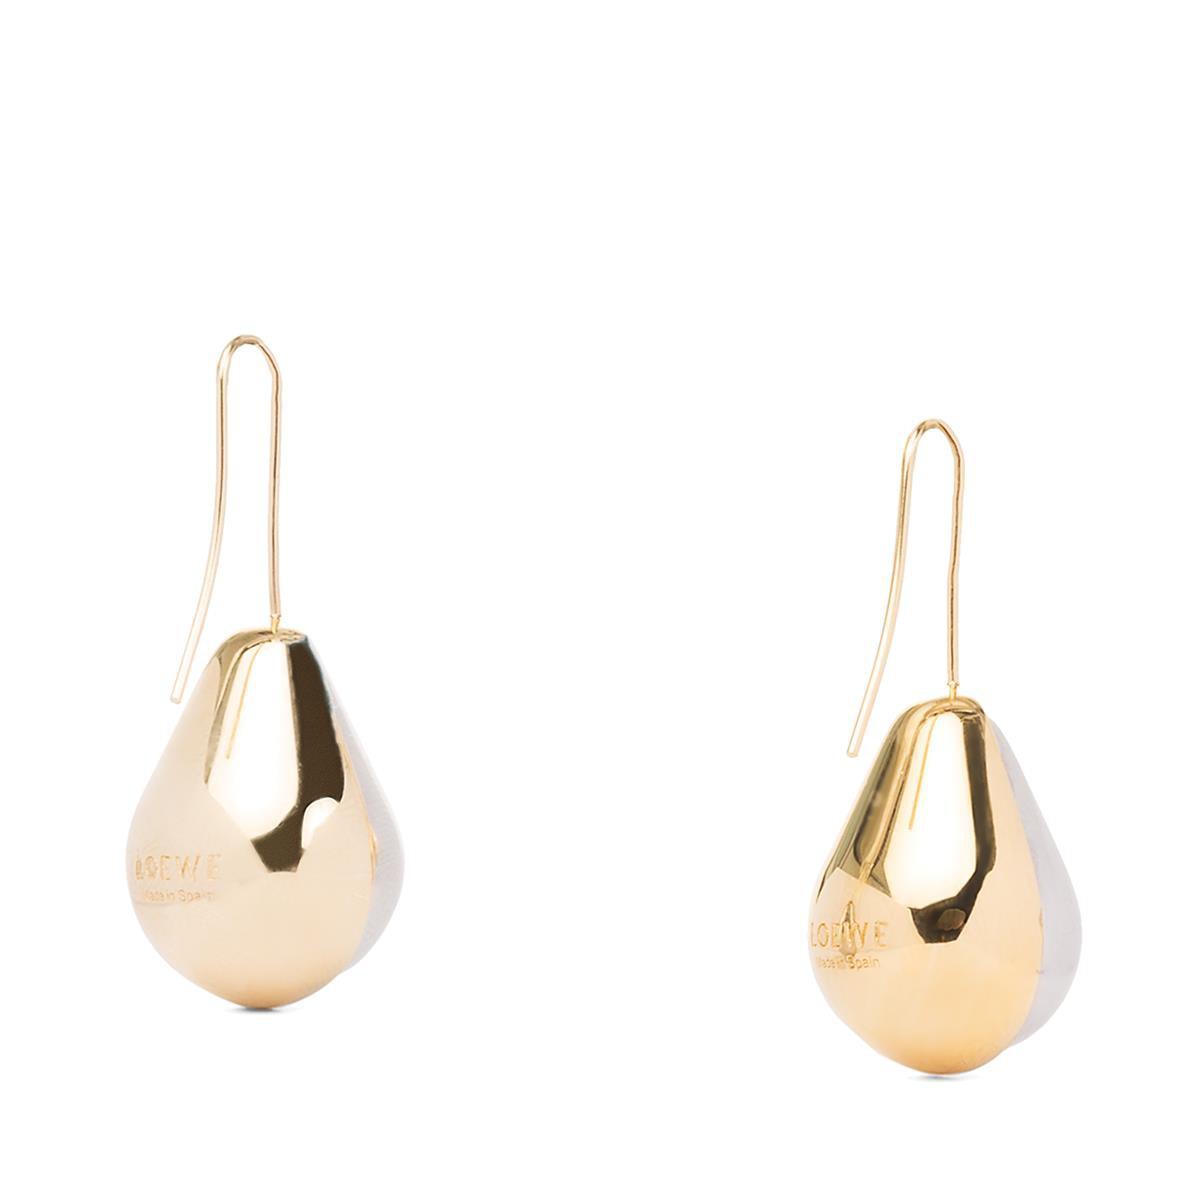 LOEWE Vermeer Earring Gold/Palladium front